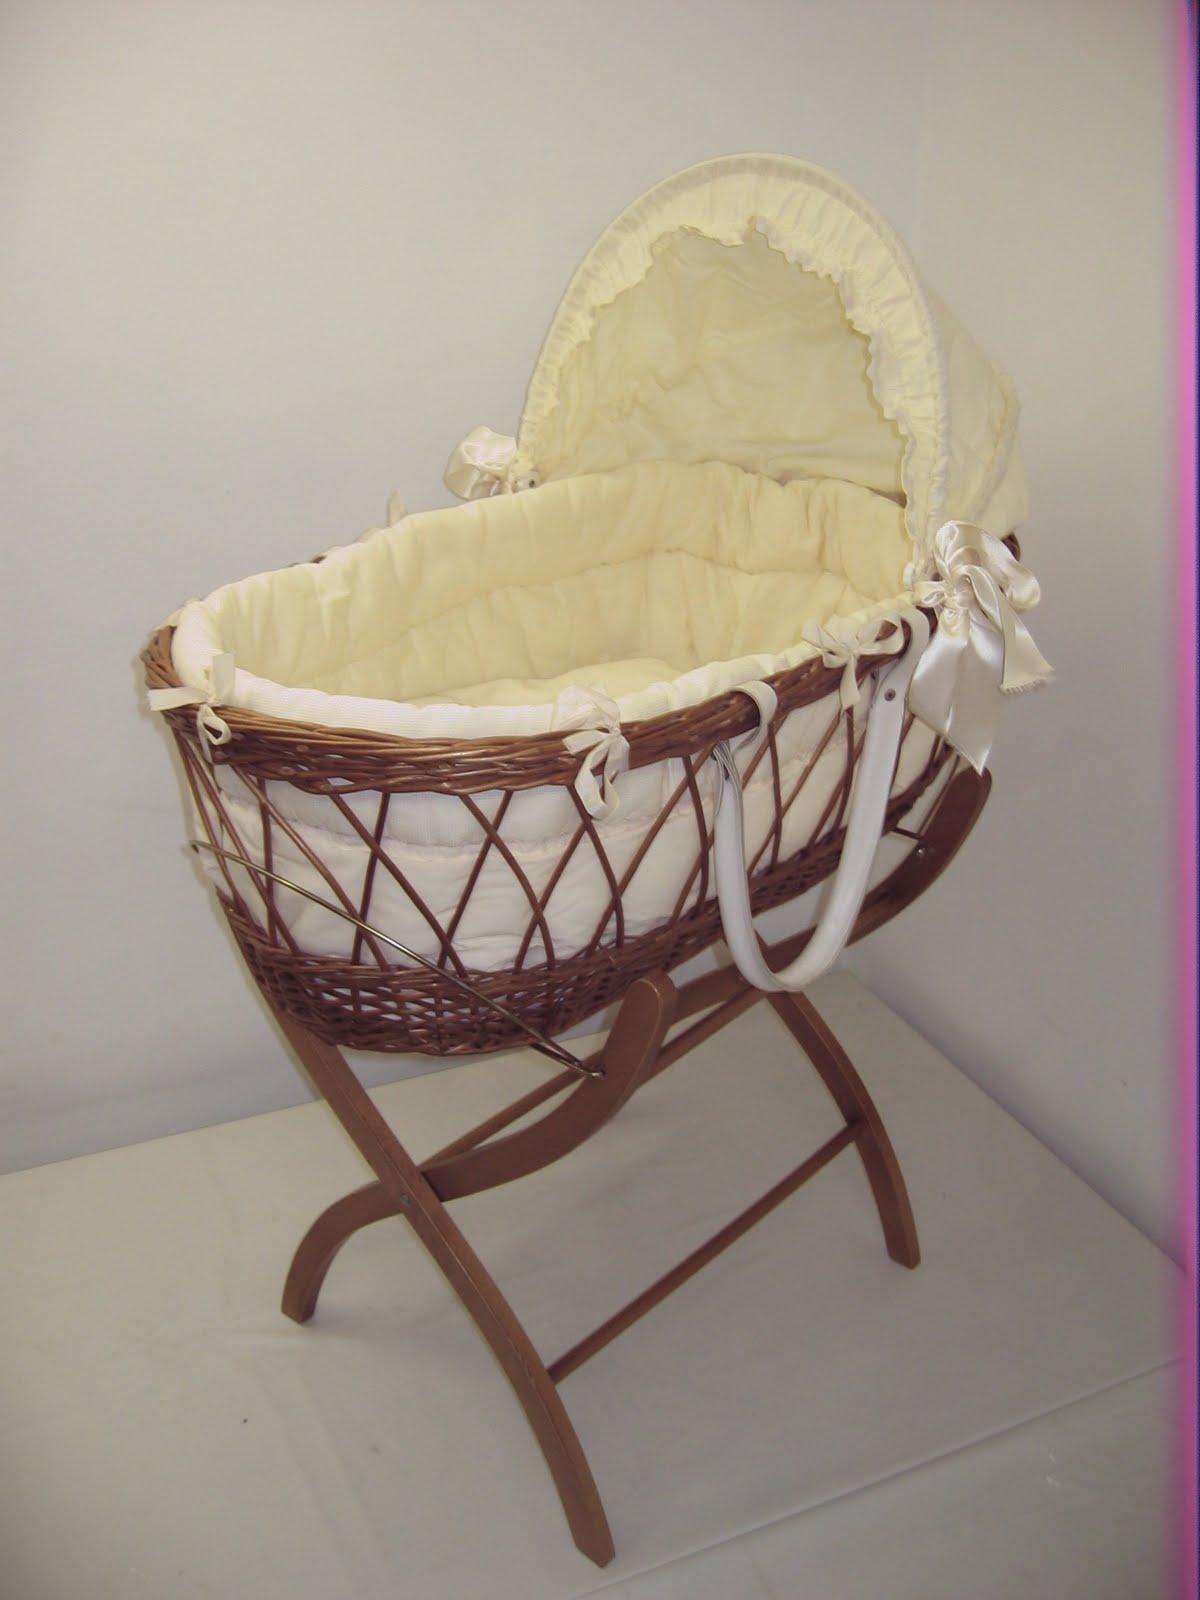 Como reciclar un moises de mimbre imagui - Reciclar cestas de mimbre ...